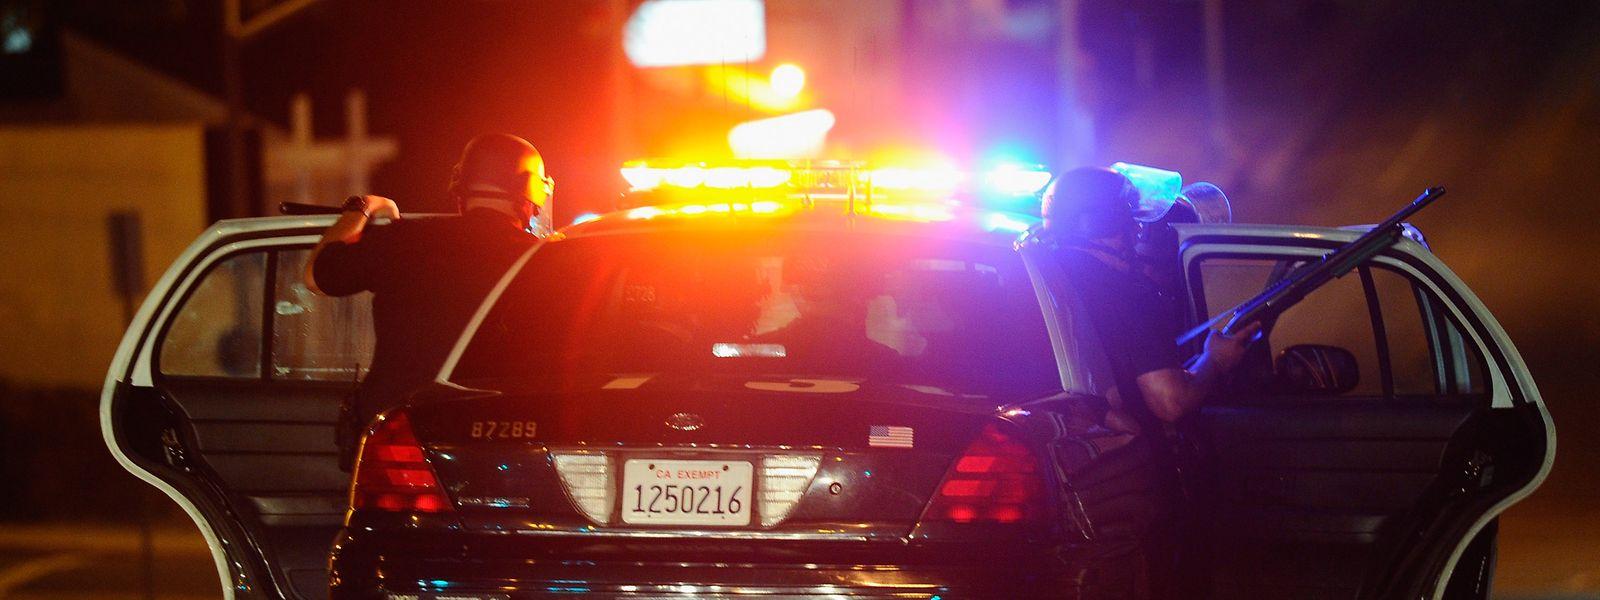 Der Vorfall, über den US-Medien am Donnerstag berichteten, geschah bereits am Sonntagabend nach Einbruch der Dunkelheit. Die beiden Polizisten hatten auf einen Notruf reagiert, wonach ein Verdächtiger mehrere Autoscheiben eingeschlagen und sich danach in einem Garten versteckt habe.